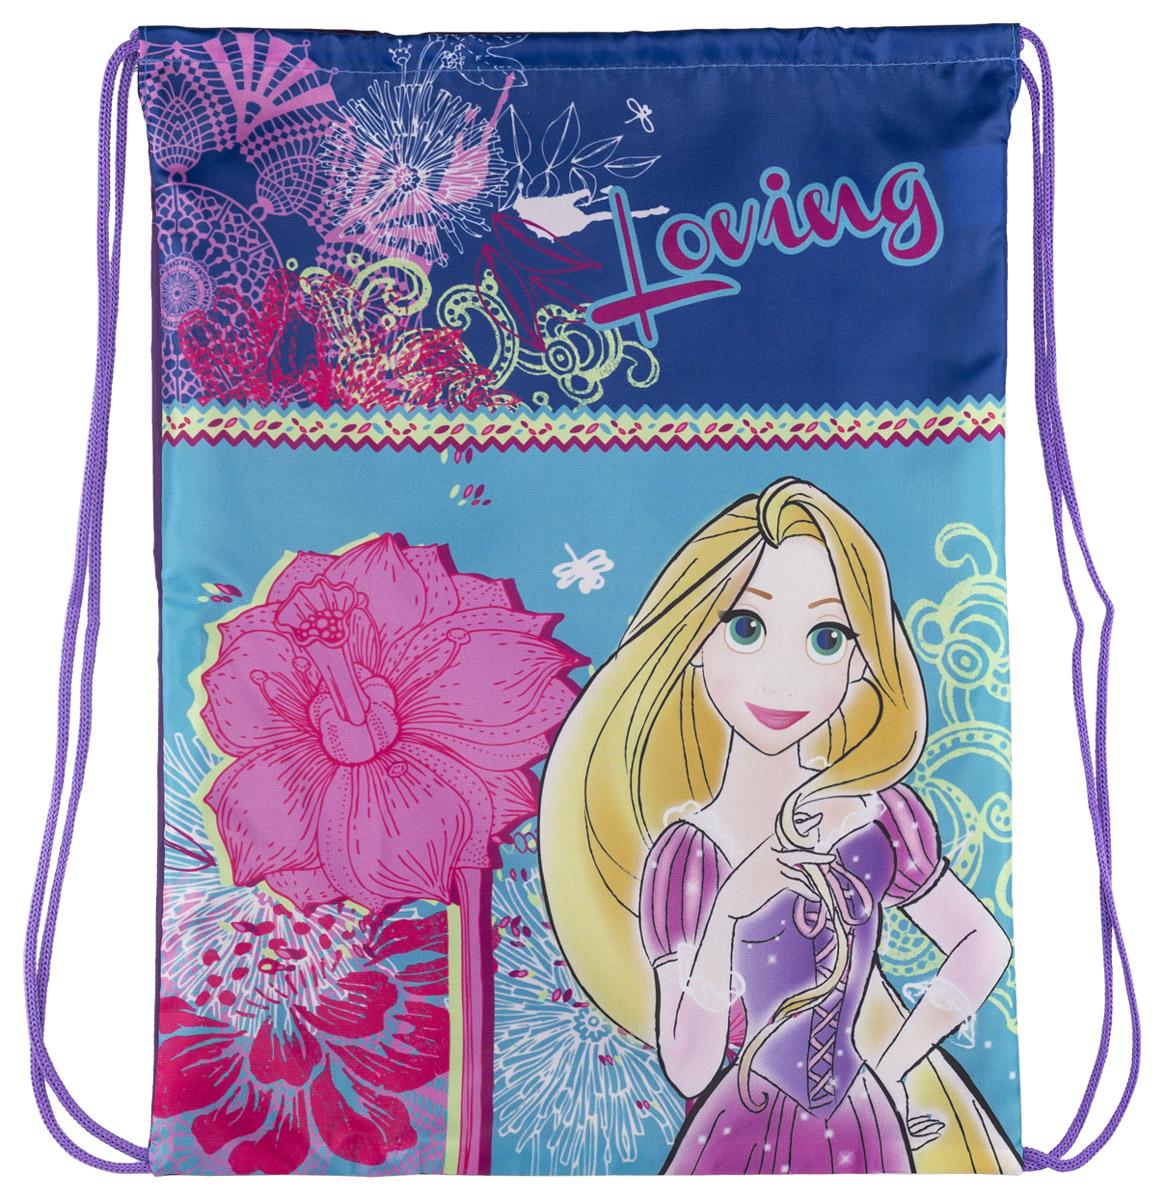 Disney Princess Сумка-рюкзак для обуви Princess цвет голубой PRCB-RT2-880PRCB-RT2-880Сумка для сменной обуви Princess идеально подойдет как для хранения, так и для переноски сменной обуви и одежды. Сумка выполнена из прочного полиэстера и содержит одно вместительное отделение, затягивается сверху шнуром-лямкой и носится как рюкзак.Оформлено изделие изображением персонажа мультфильма Princess.